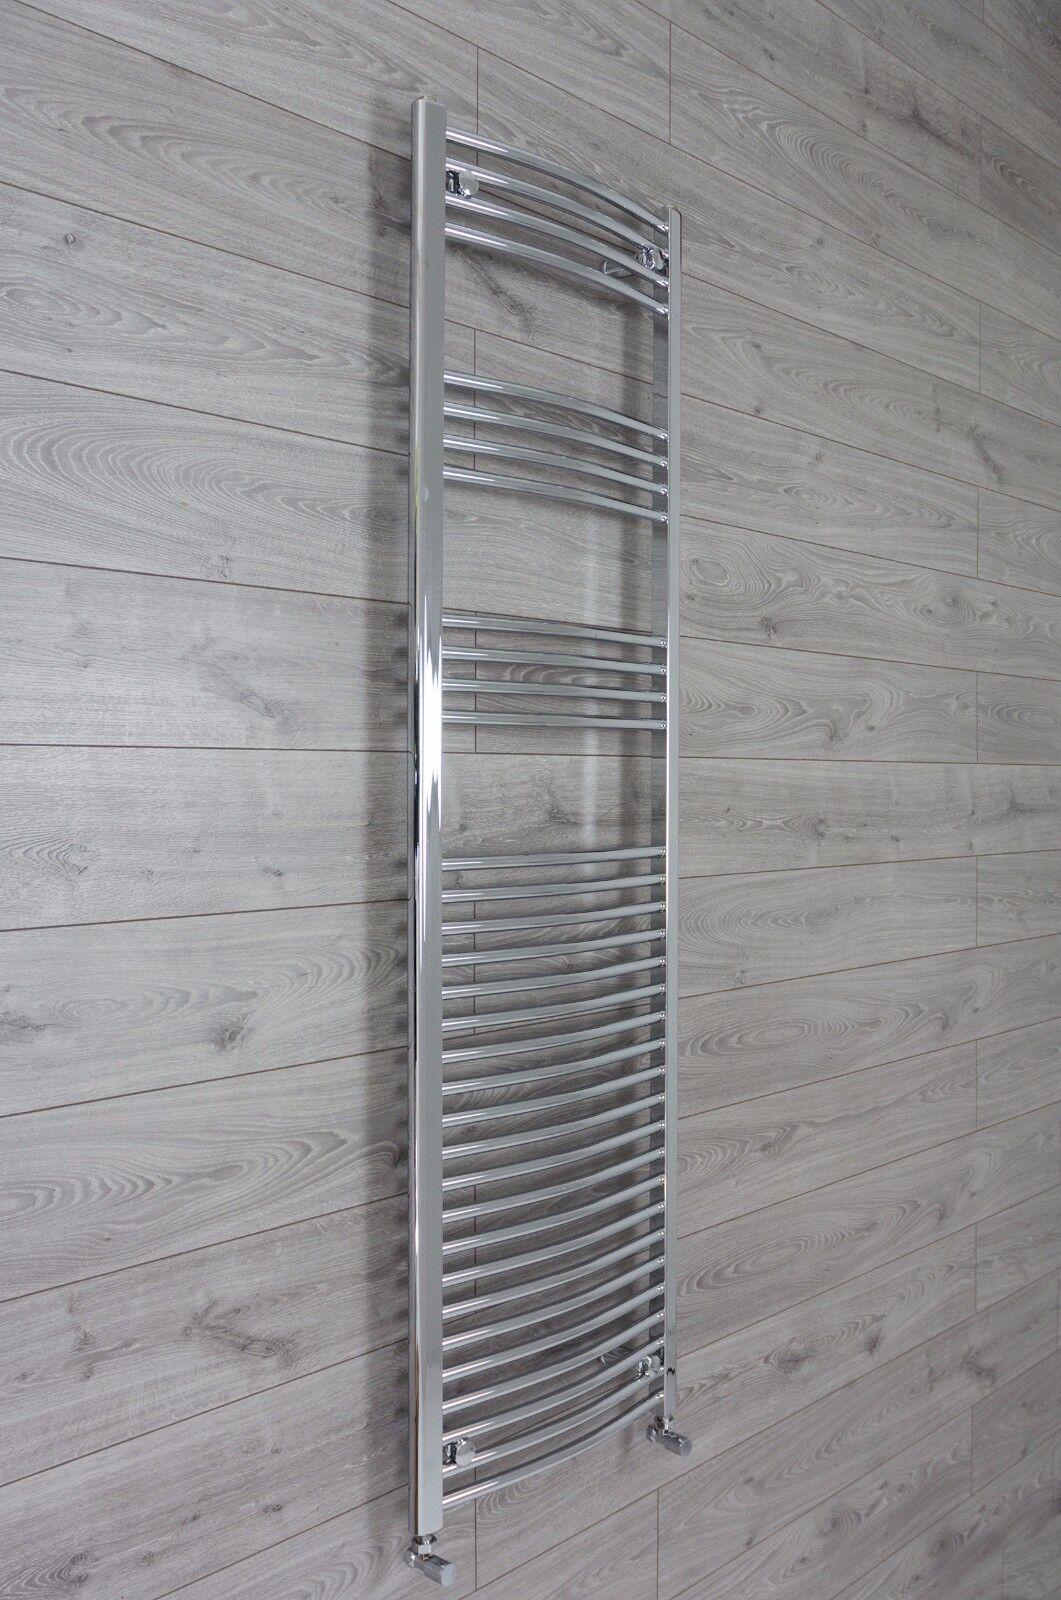 1800 1760 mm haut 500 ou 600 Large Plat Courbé Chrome Sèche-serviettes Radiateur